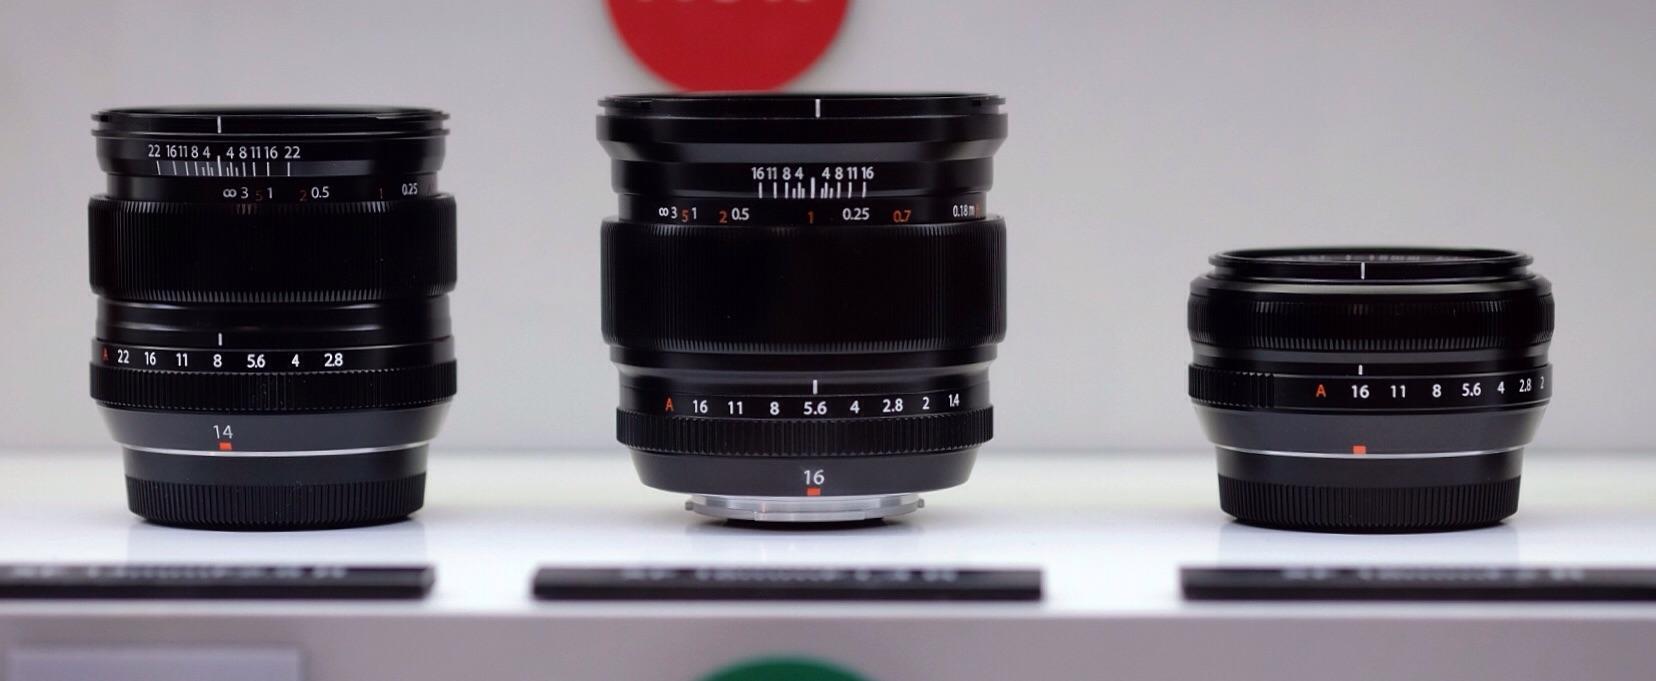 Fuji Fujifilm XF FUJINON 16mm f/1.4.jpg